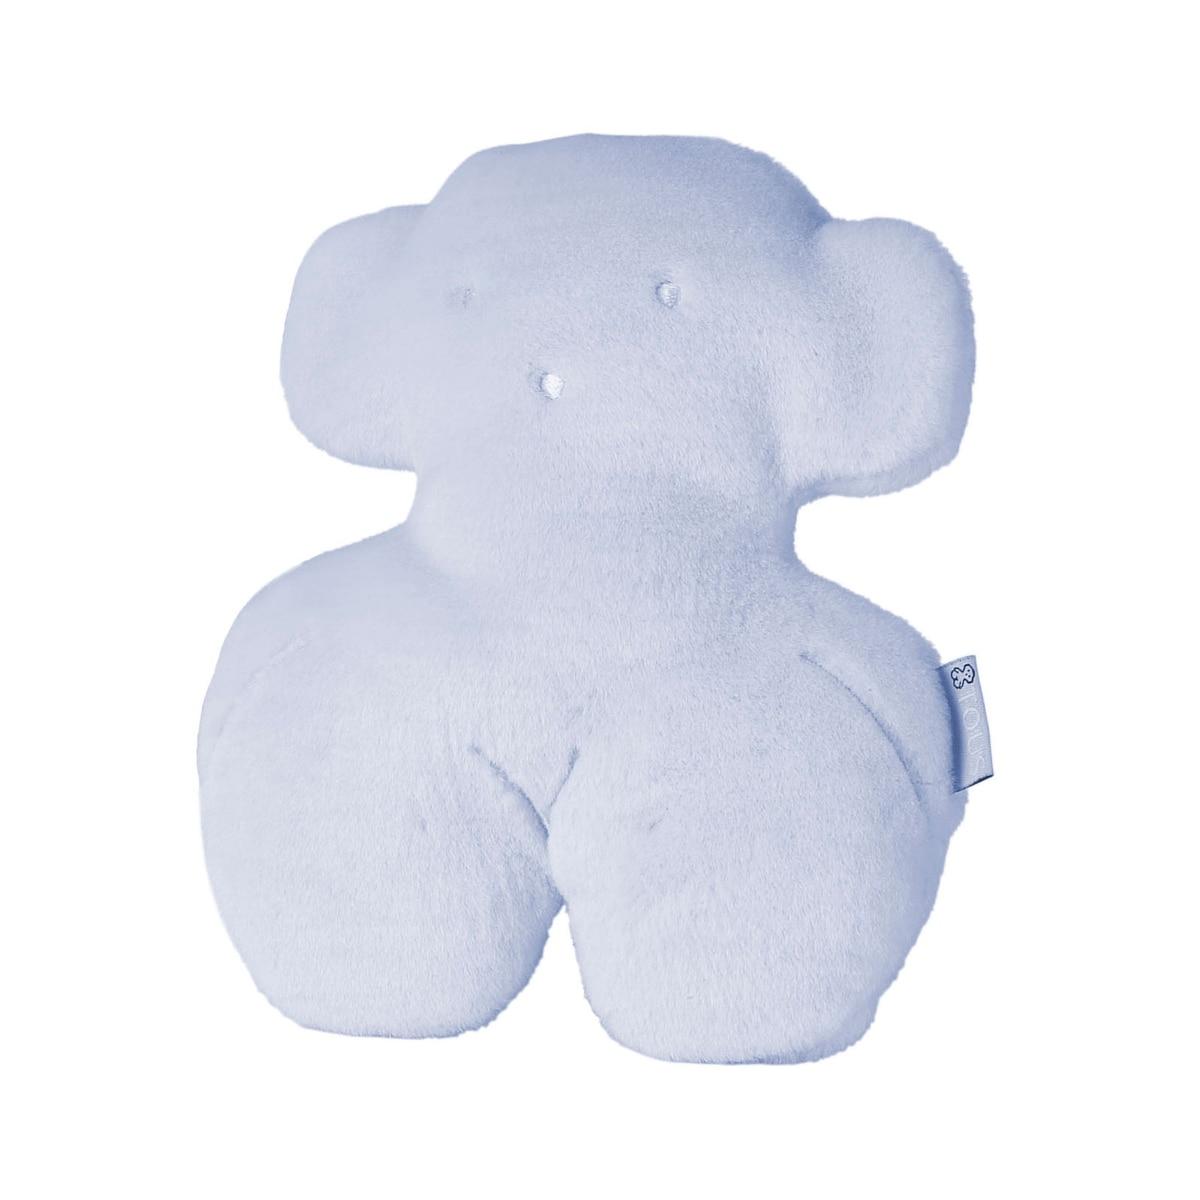 Oso de peluche TOUS Bear azul cielo